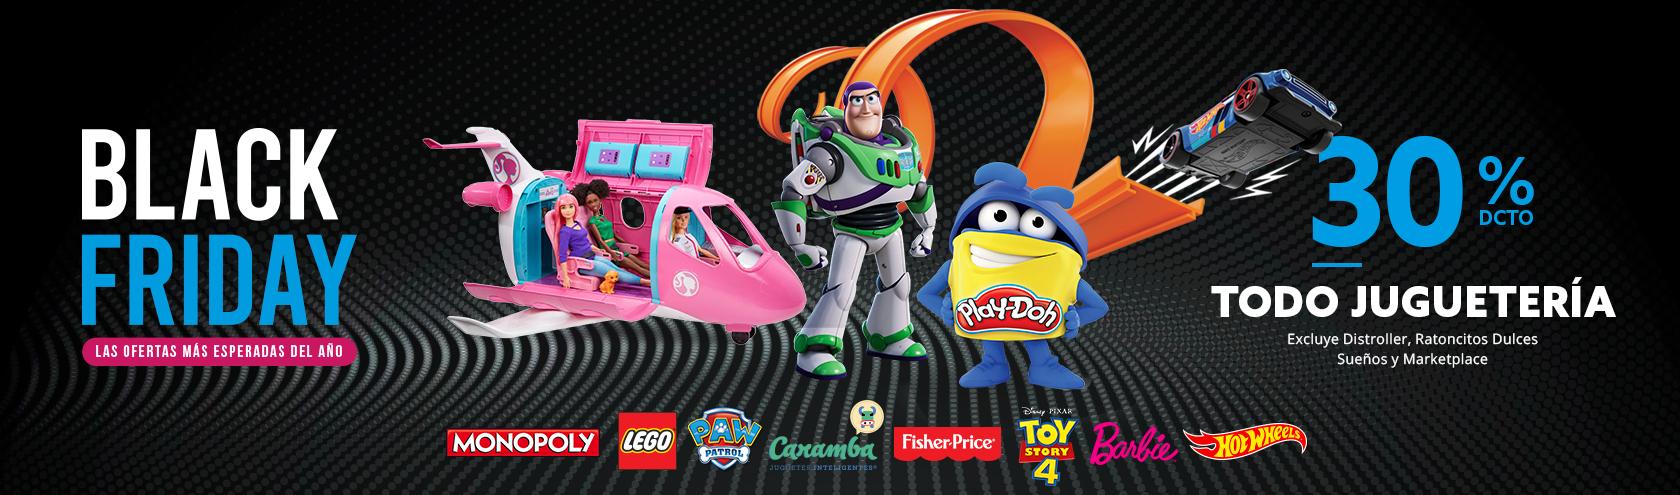 30 porciento de descuento toda la juguetería, excluye Distroller, Ratoncitos Dulces Sueños y Marketplace